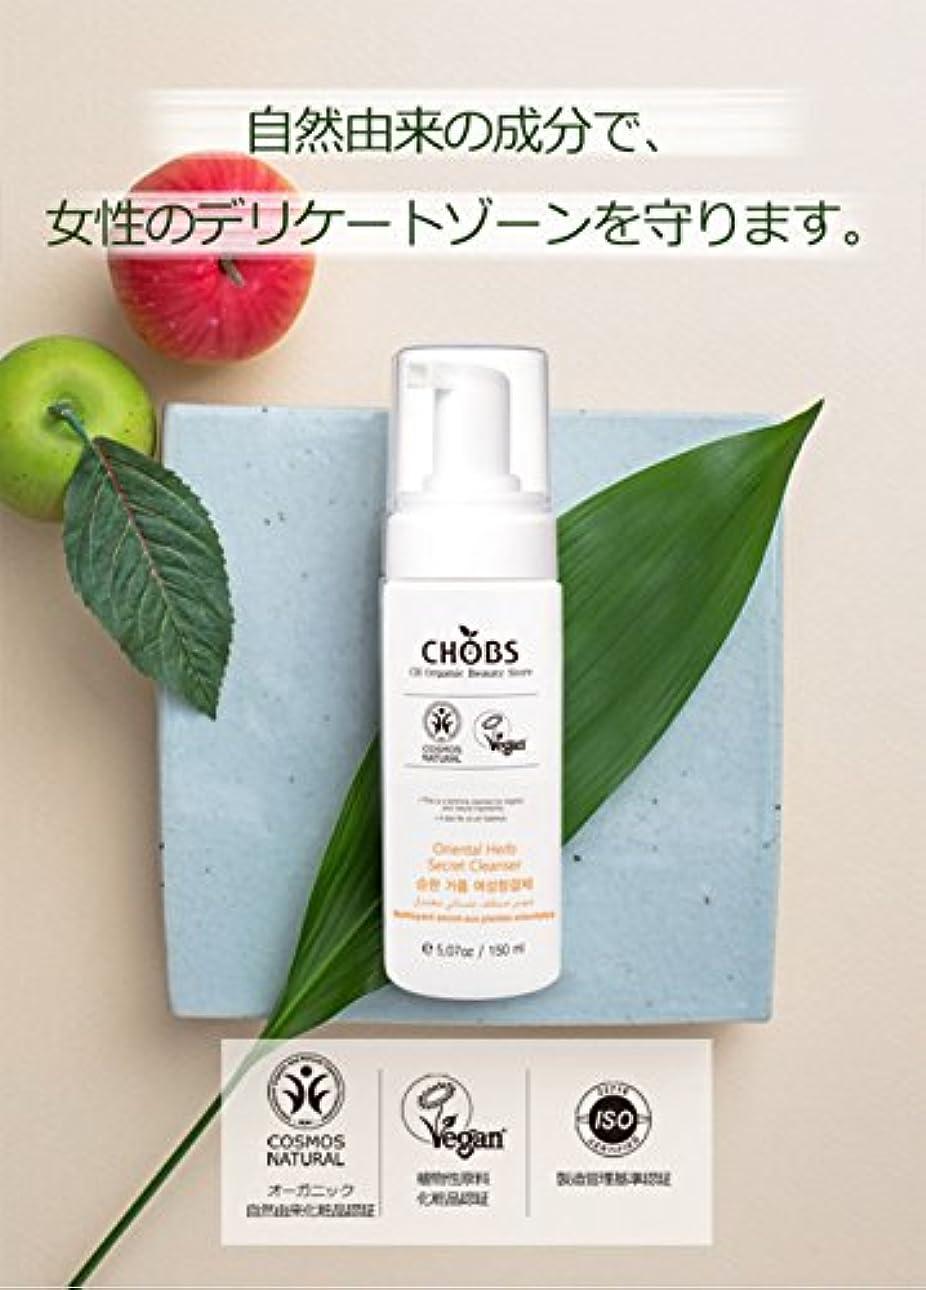 周術期共同選択普通にオーガニック清潔ケアクレンザー 天然化粧品 韓国コスメ 低刺激